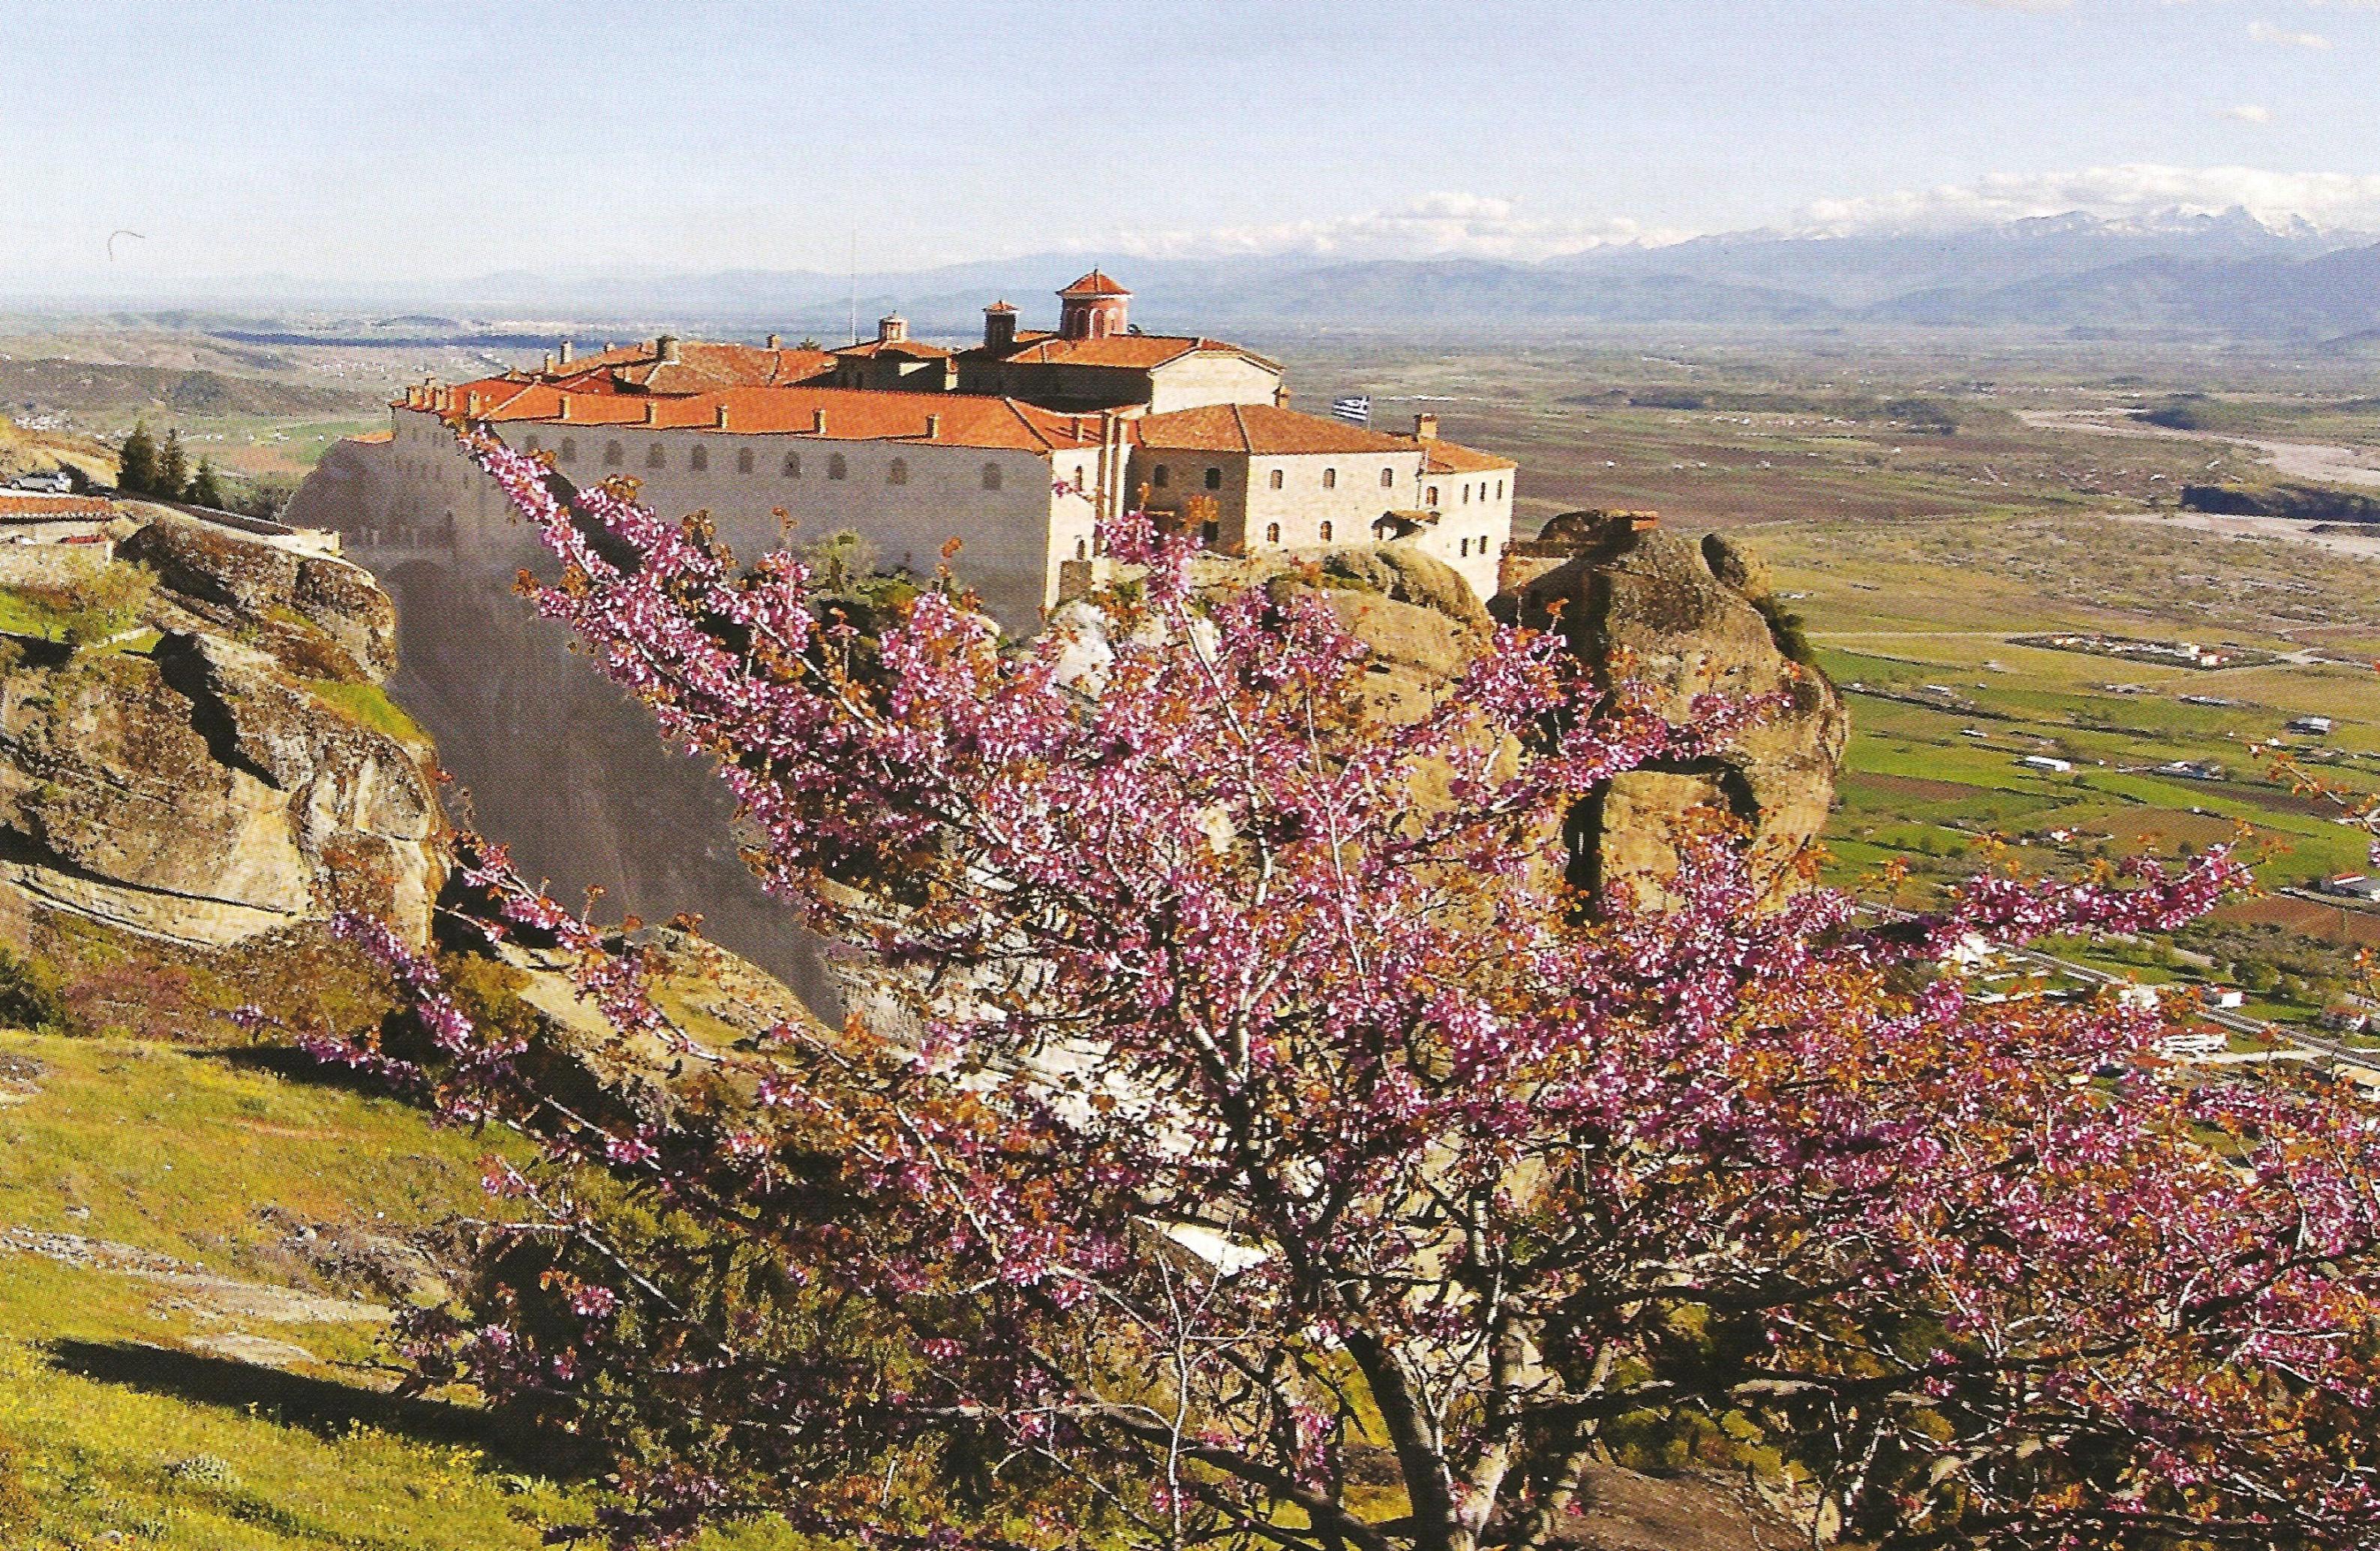 Η Ιερά Μονή Αγίου Στεφάνου λειτουργεί από το 1961 ως γυναικείο μοναστήρι.